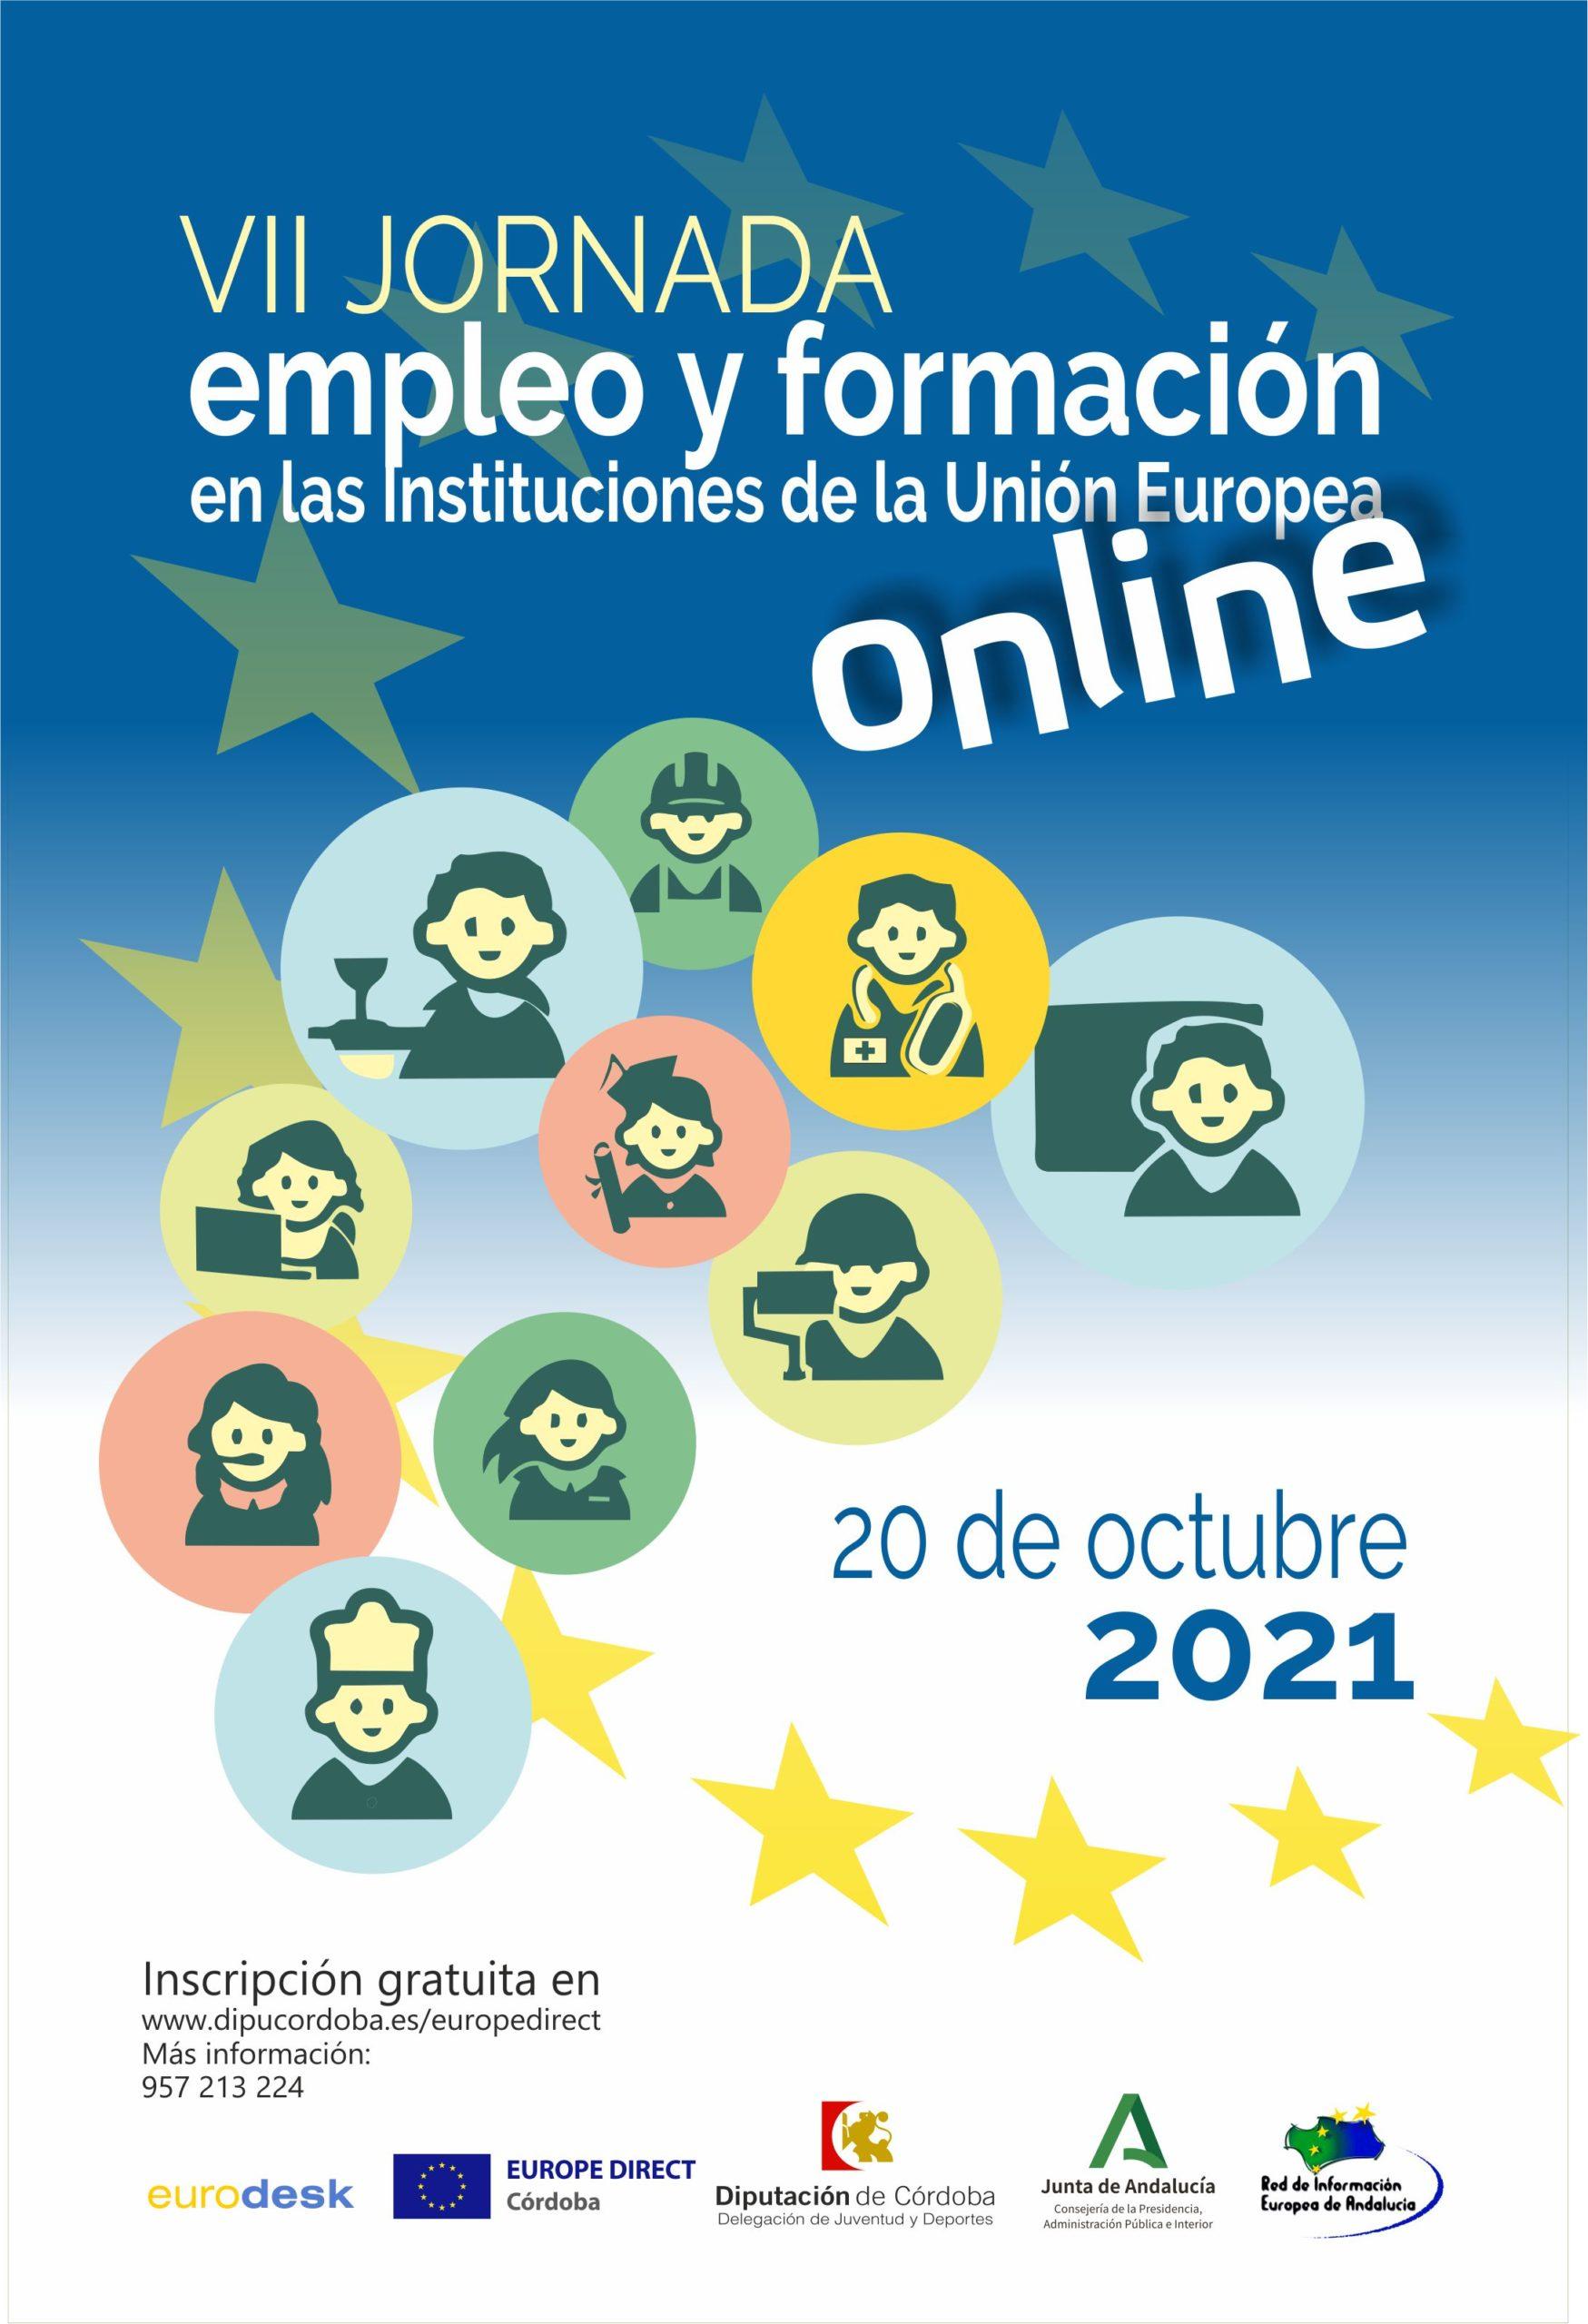 VII Jornada de Formación y Empleo en las Instituciones de la Unión Europea